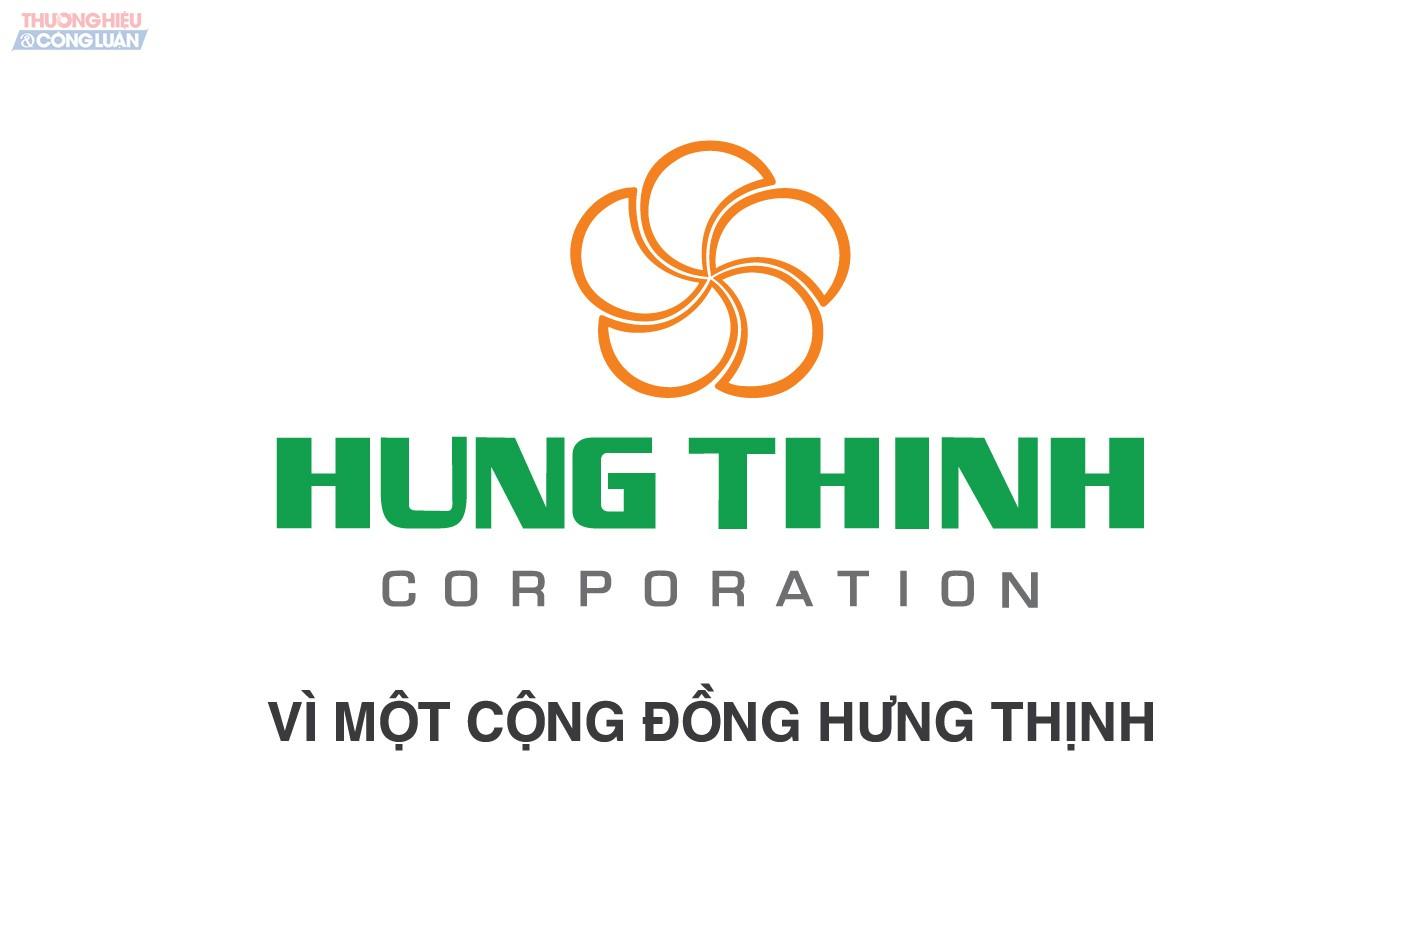 Logo, slogan Tập đoàn Hưng Thịnh Tập đoàn bất động sản uy tín hàng đầu thị trường với 18 năm kinh nghiệm